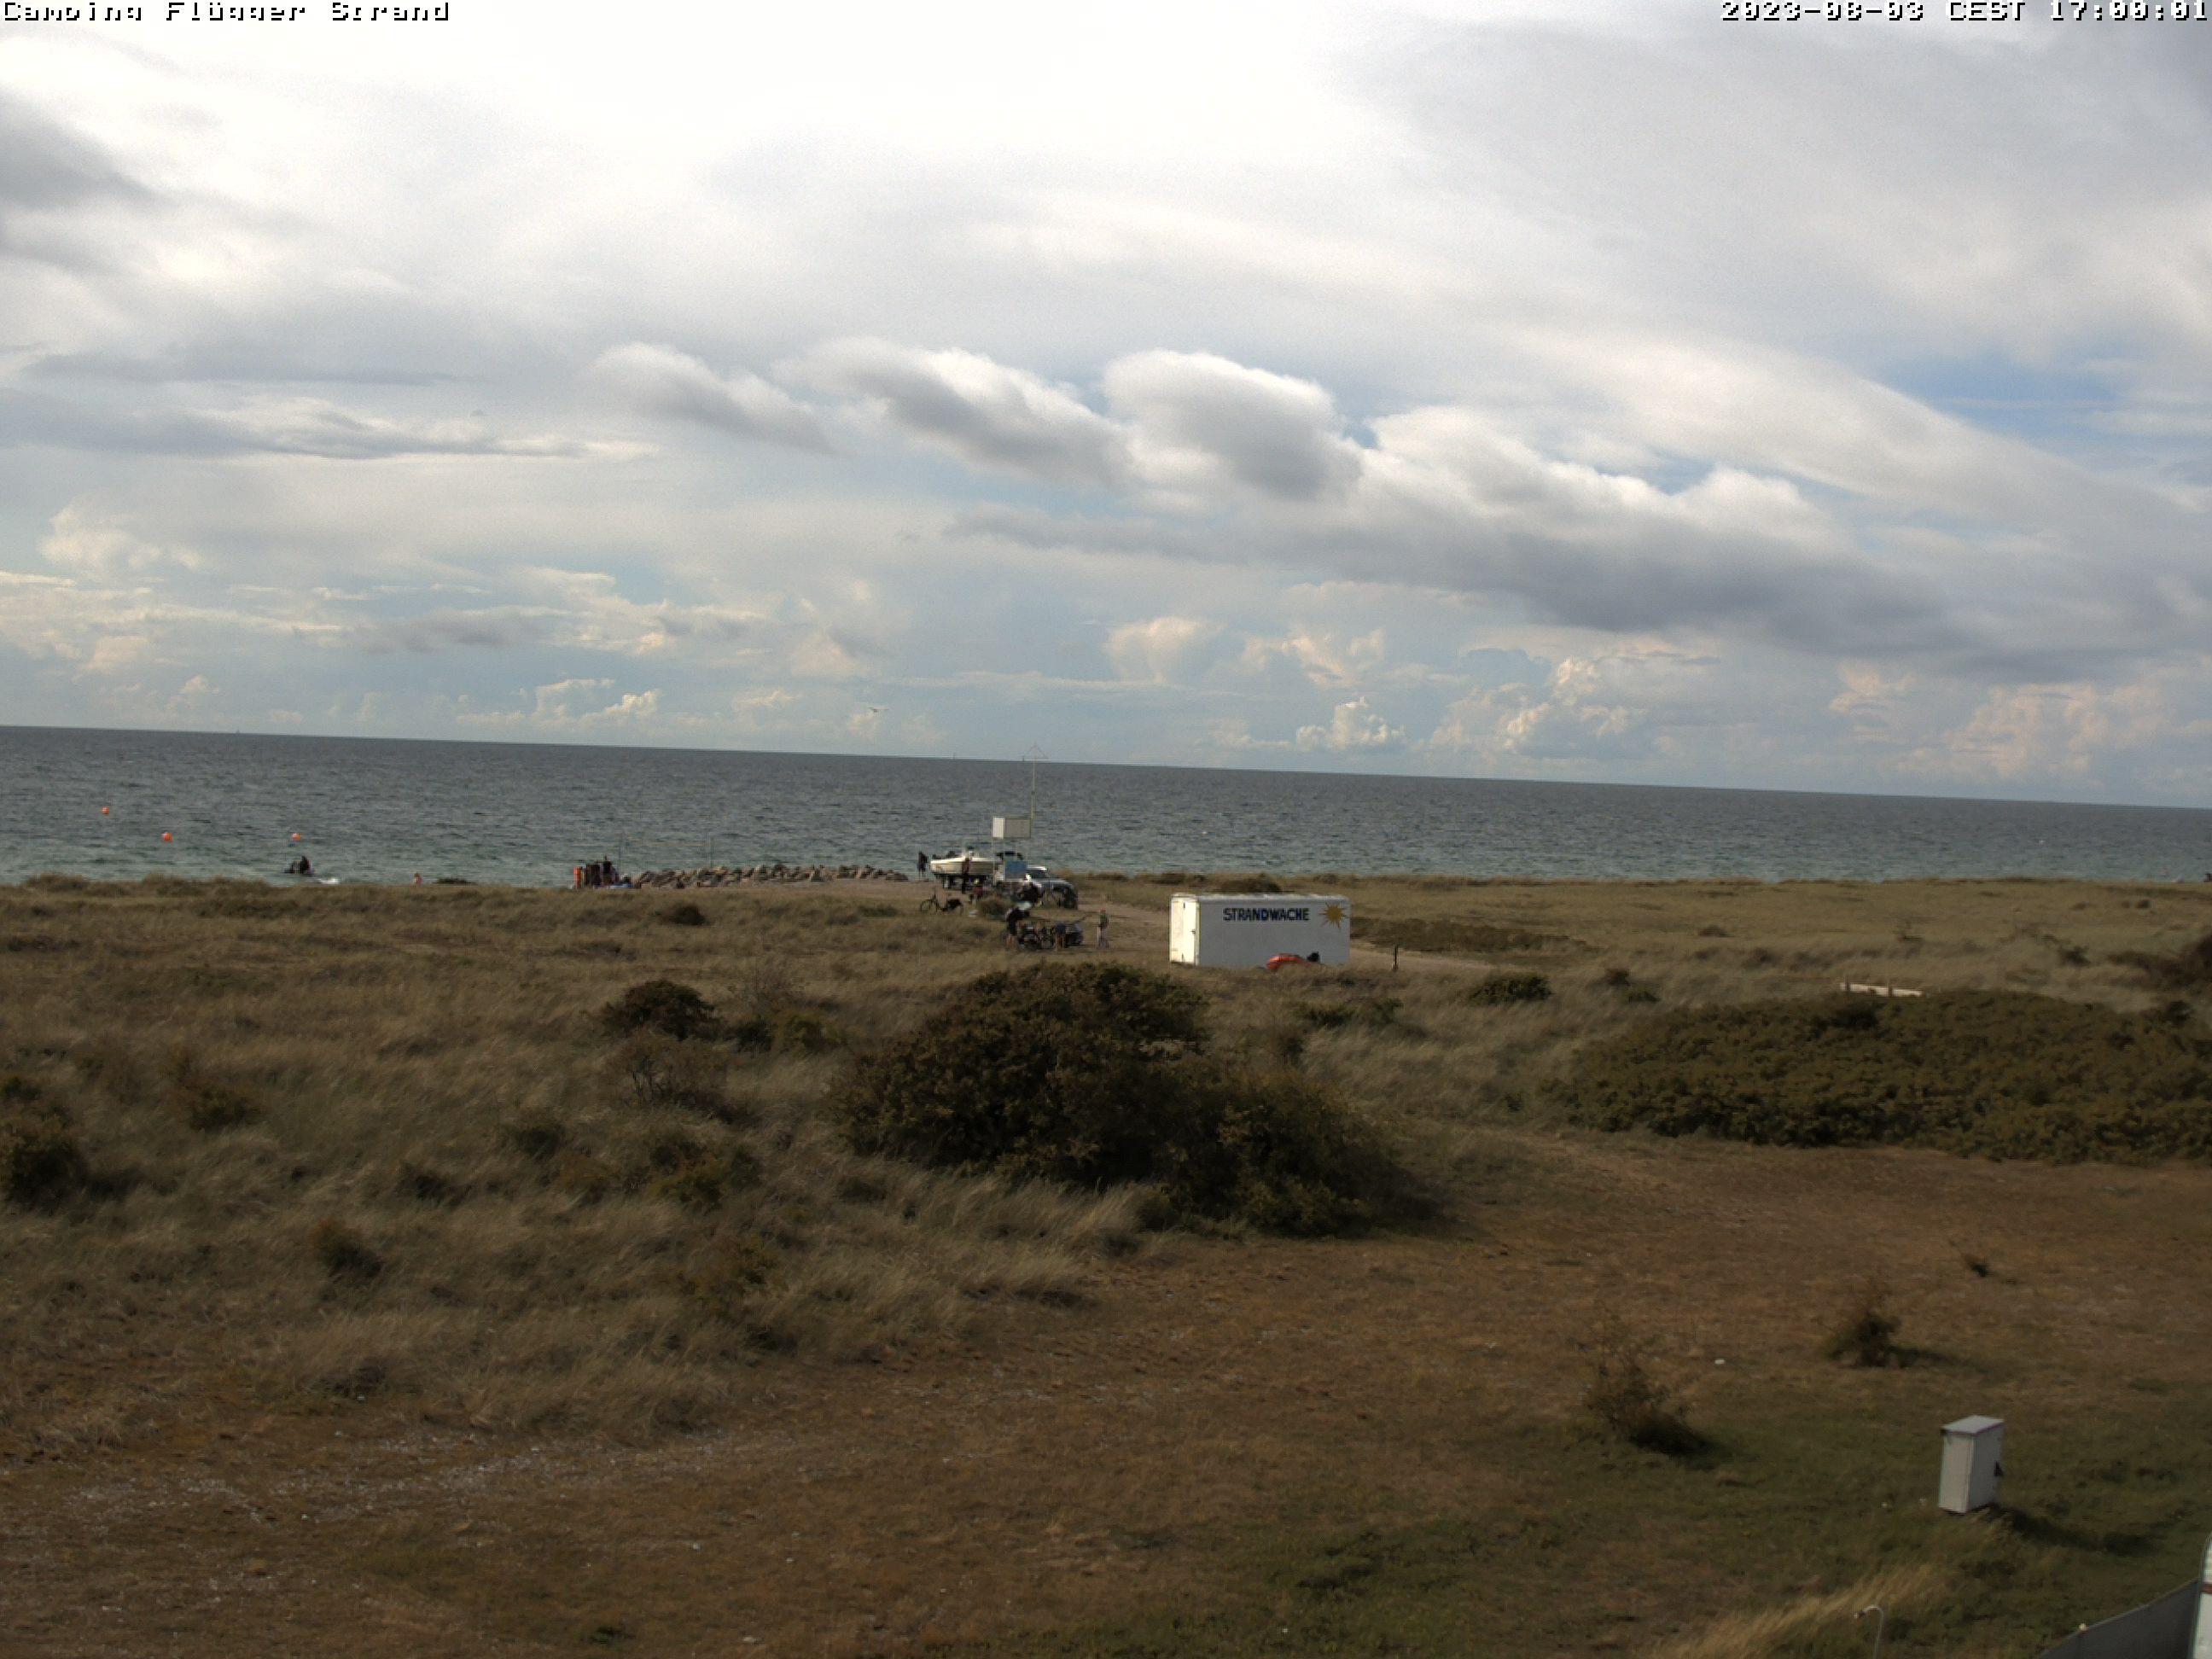 Webcam 17 Uhr